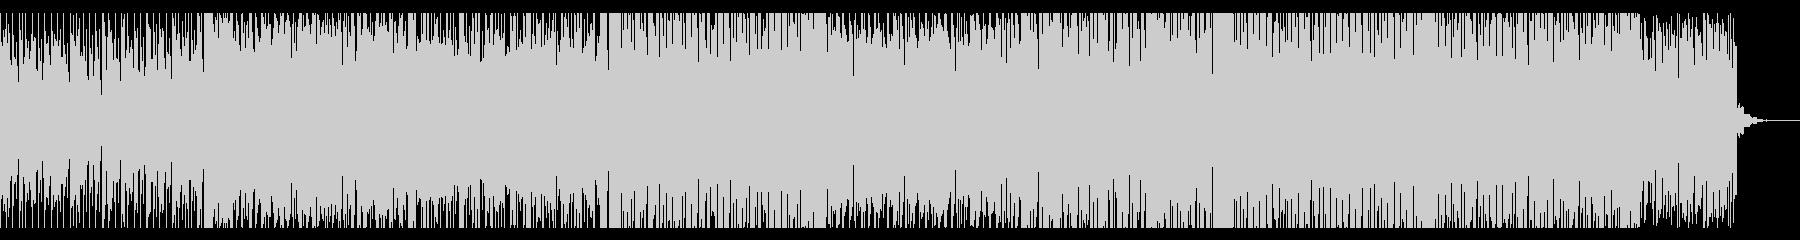 楽しく軽快な印象のBGMの未再生の波形